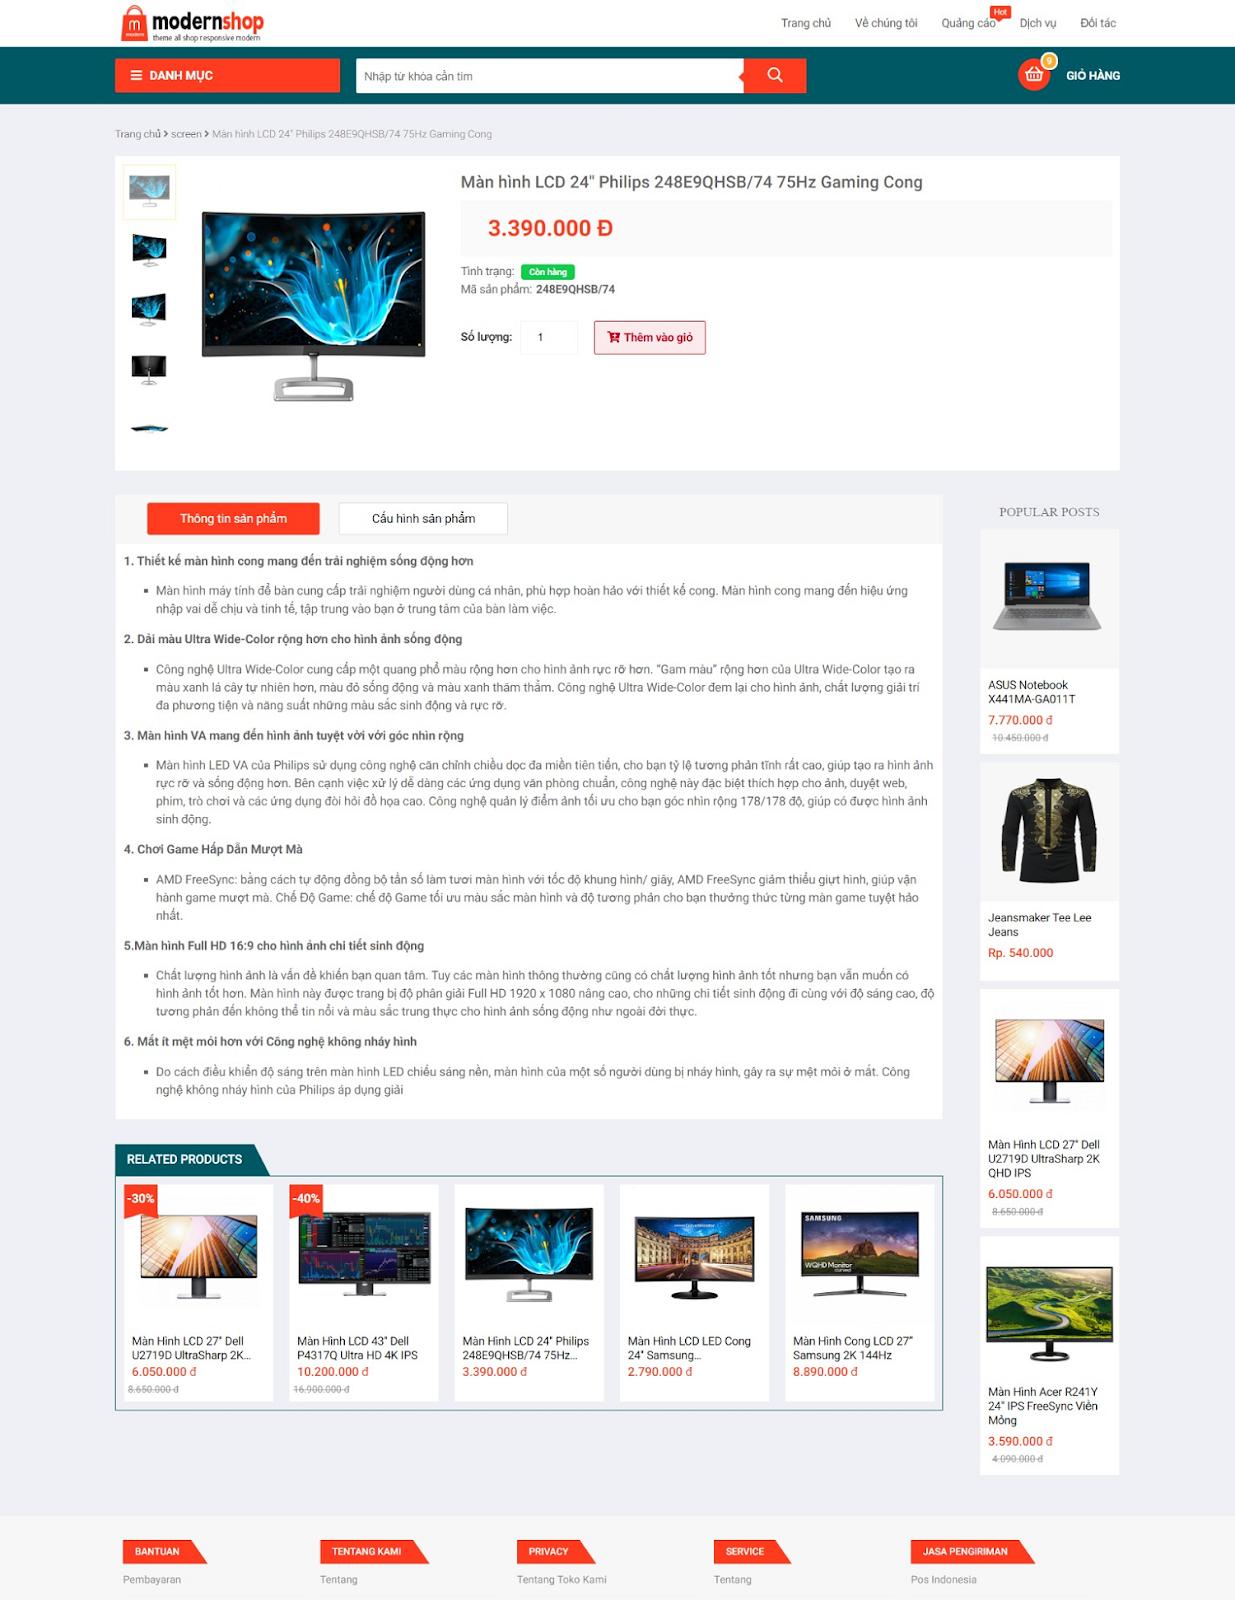 Template blogspot bán hàng miễn phí ModernShop - Giaodienblog.com